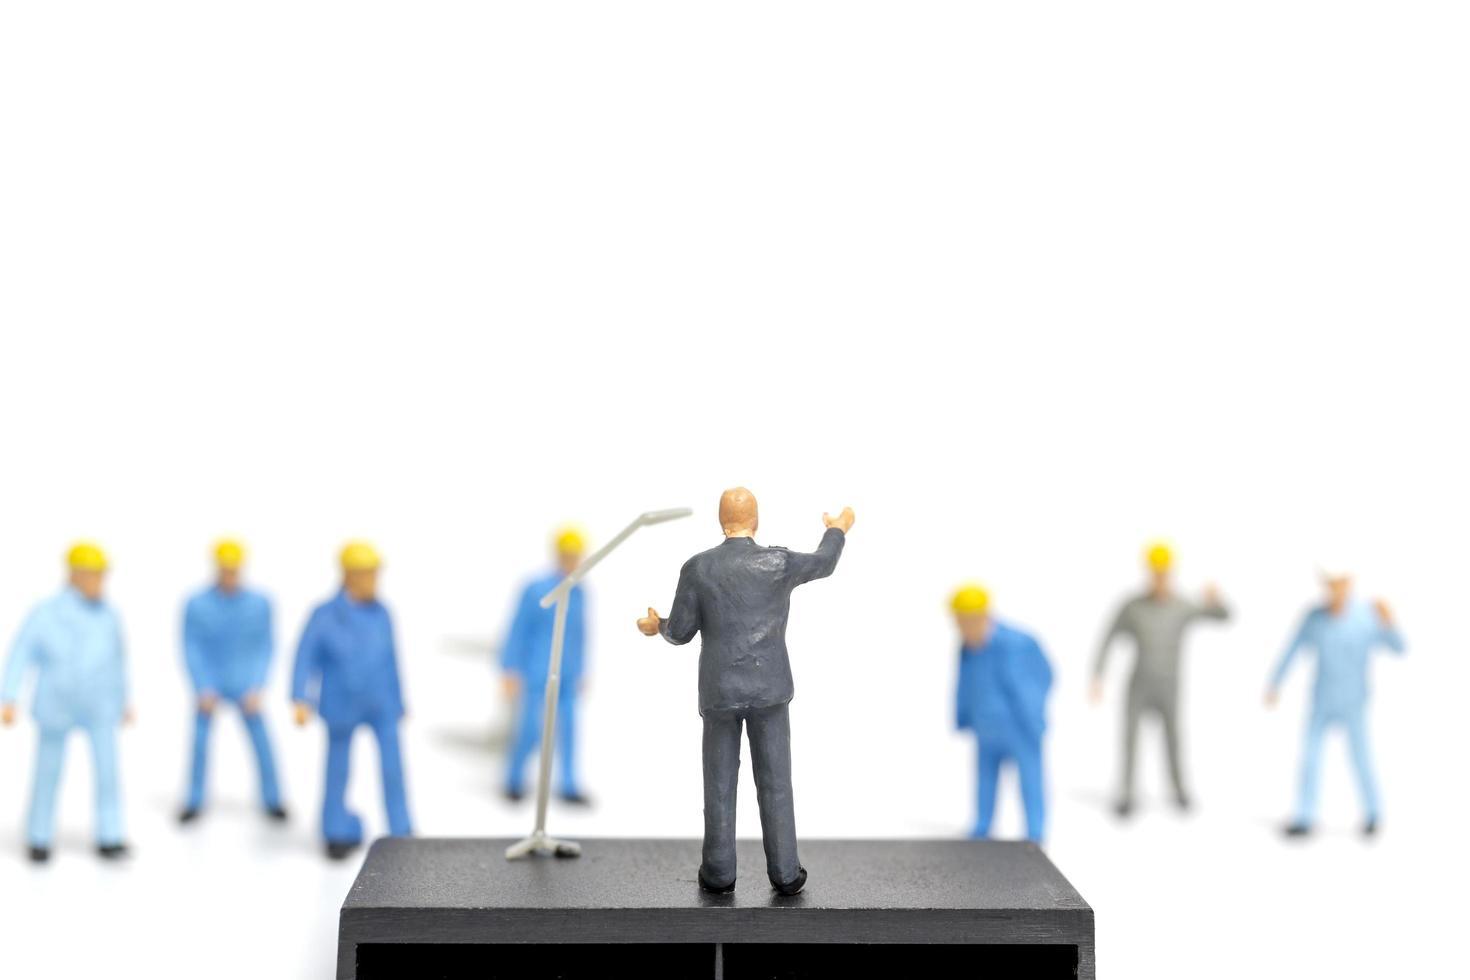 miniatuurmensen die luisteren naar een politicus die spreekt tijdens een verkiezingsbijeenkomst foto